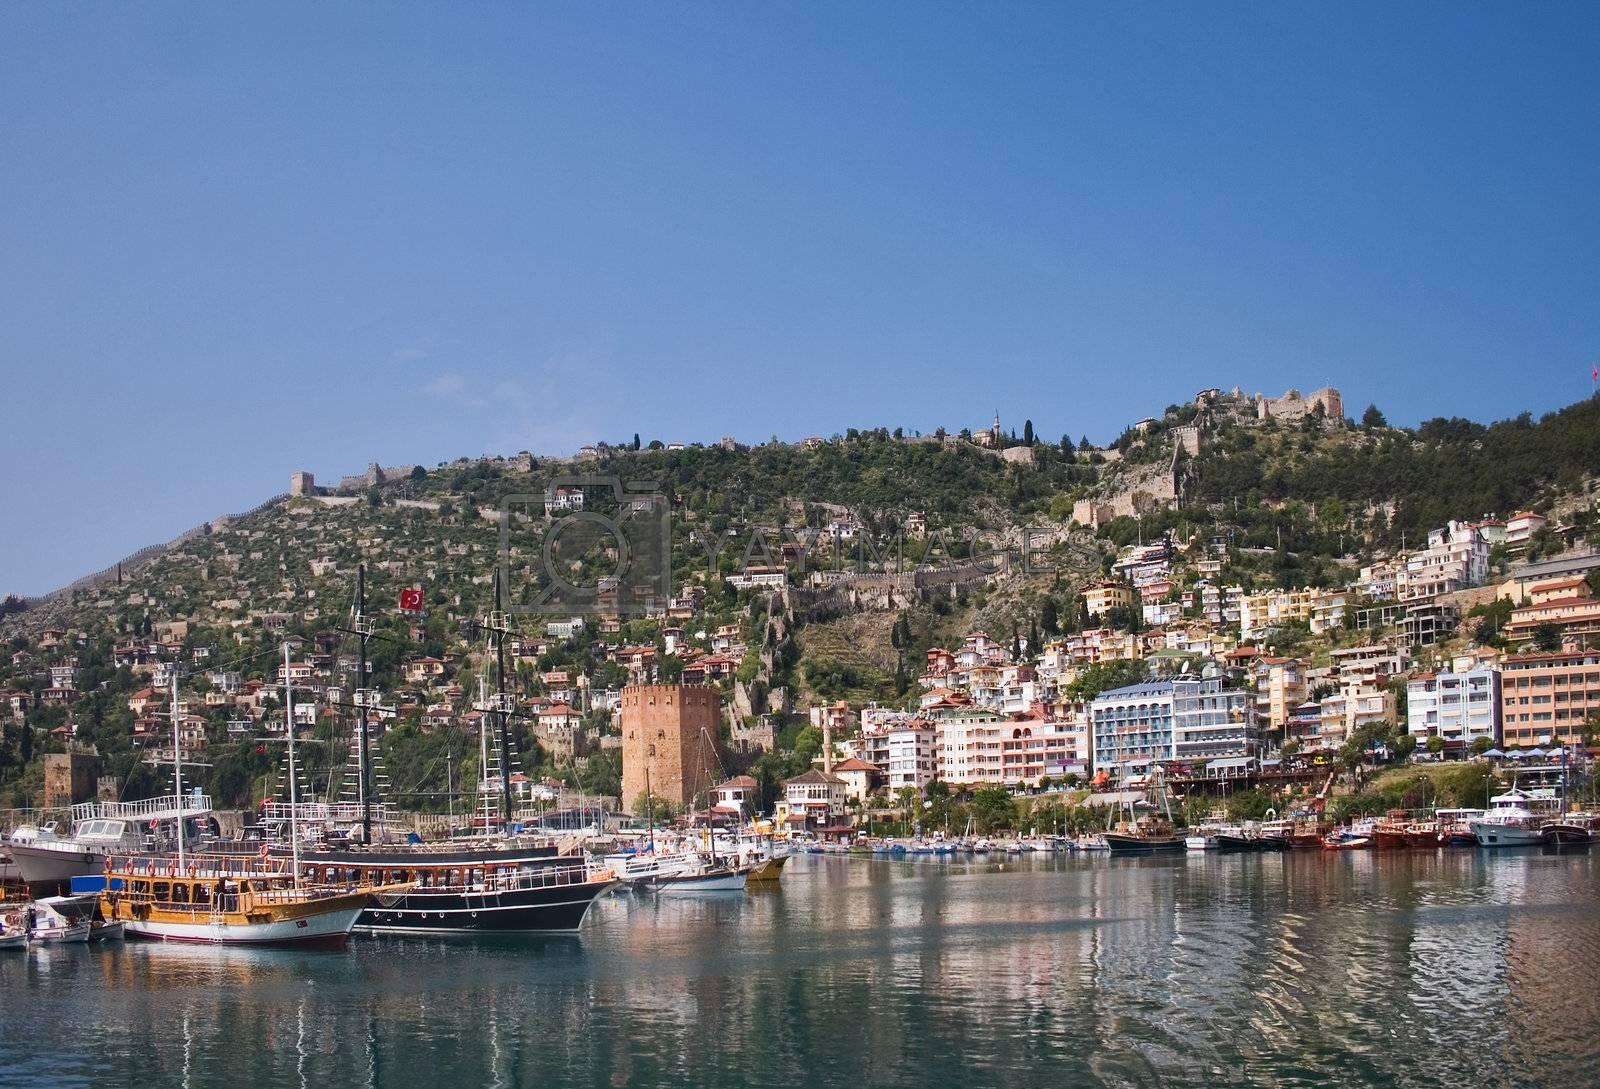 Yacht port in Turkey, sunny mediterranean harbour view.